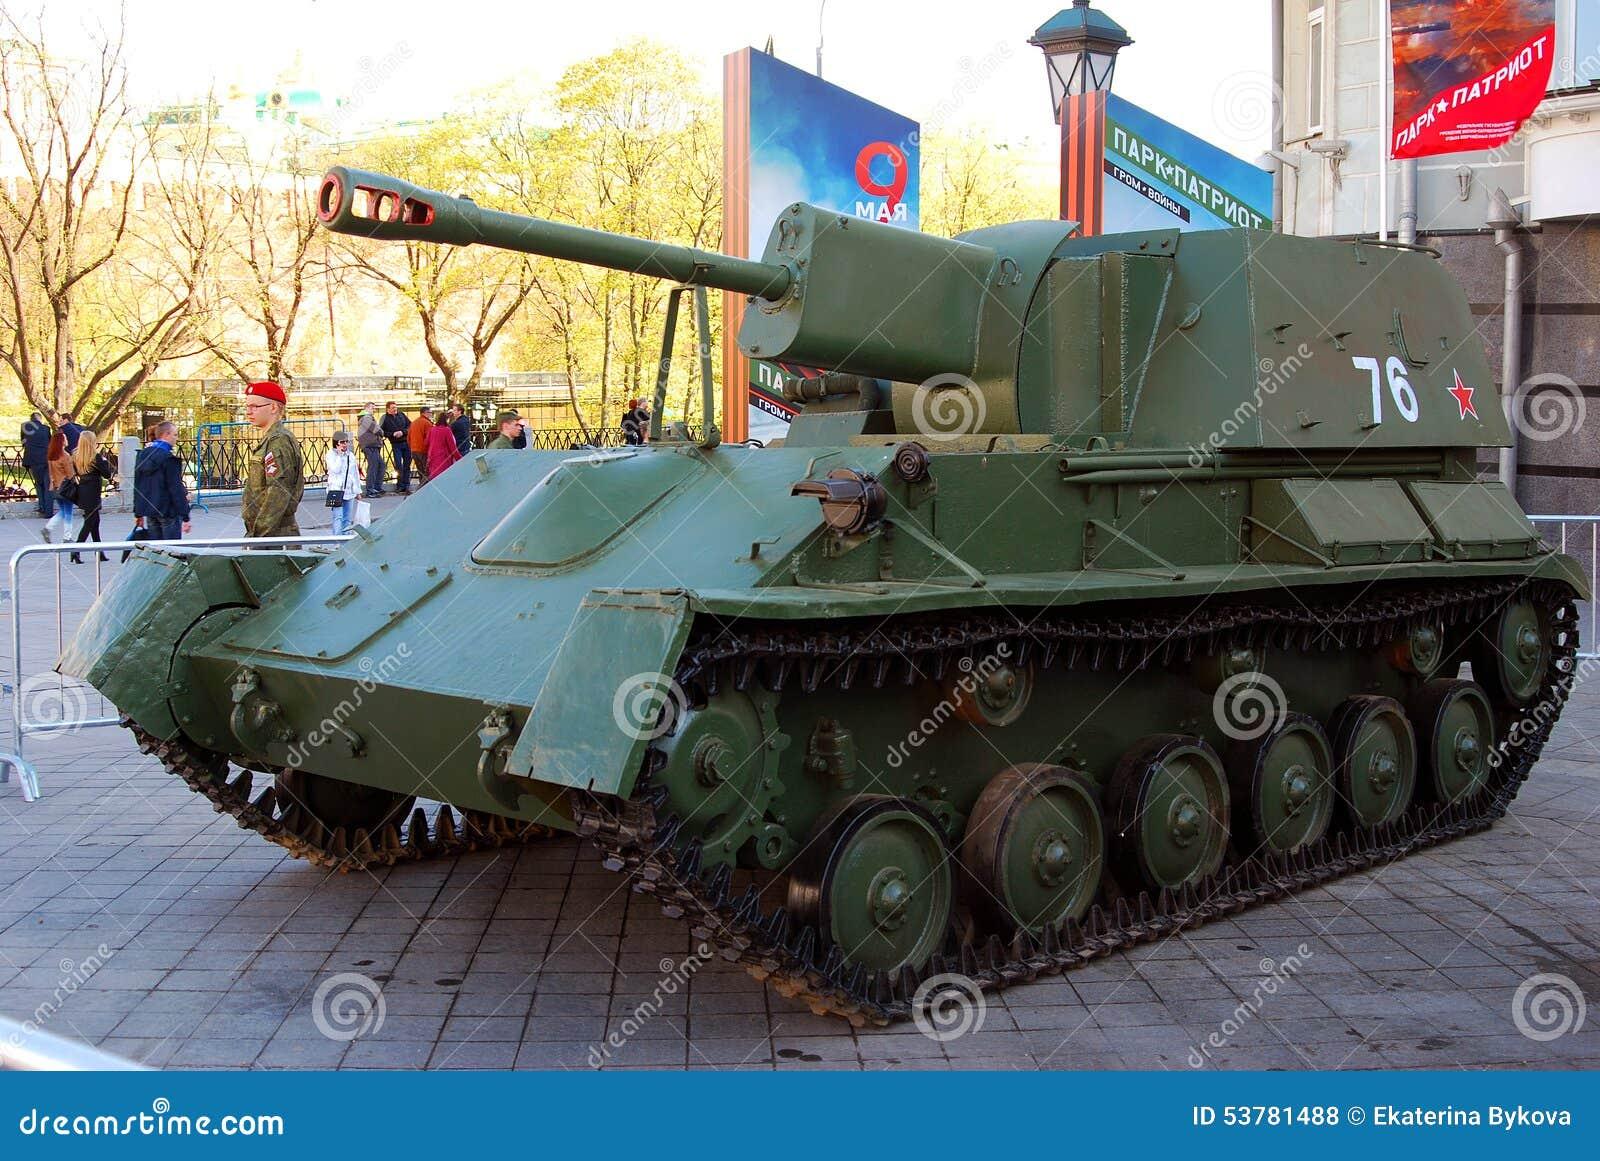 Stare militarne maszyny pokazywać w Moskwa centrum miasta